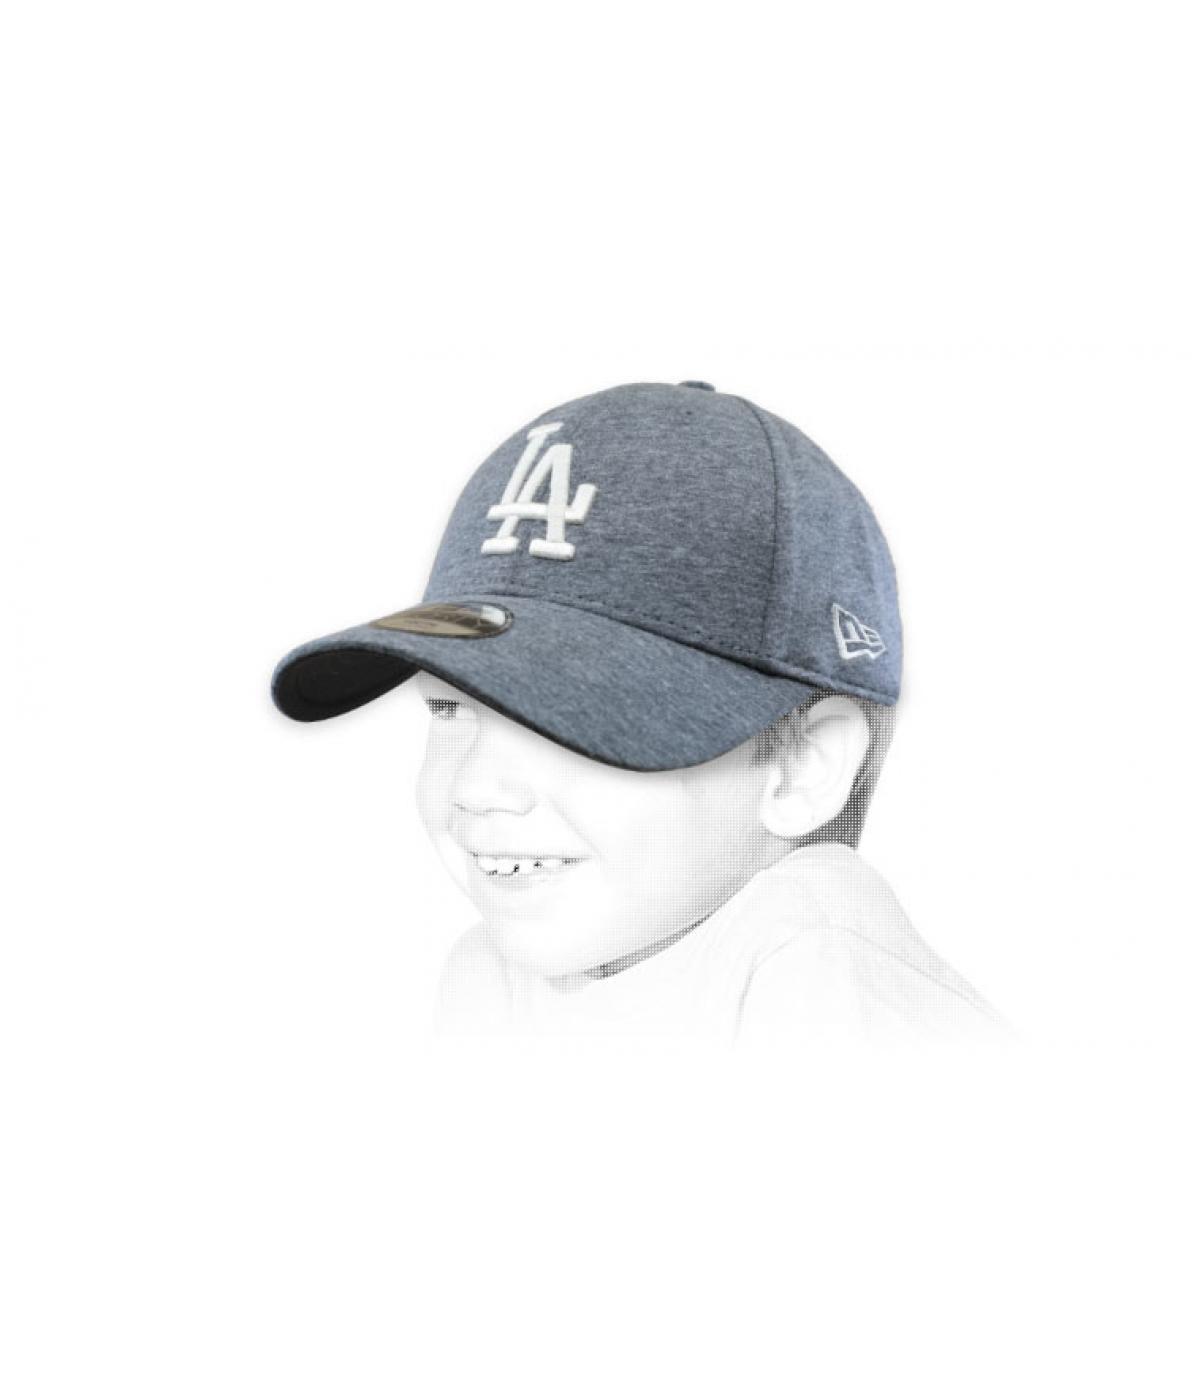 casquette enfant LA gris